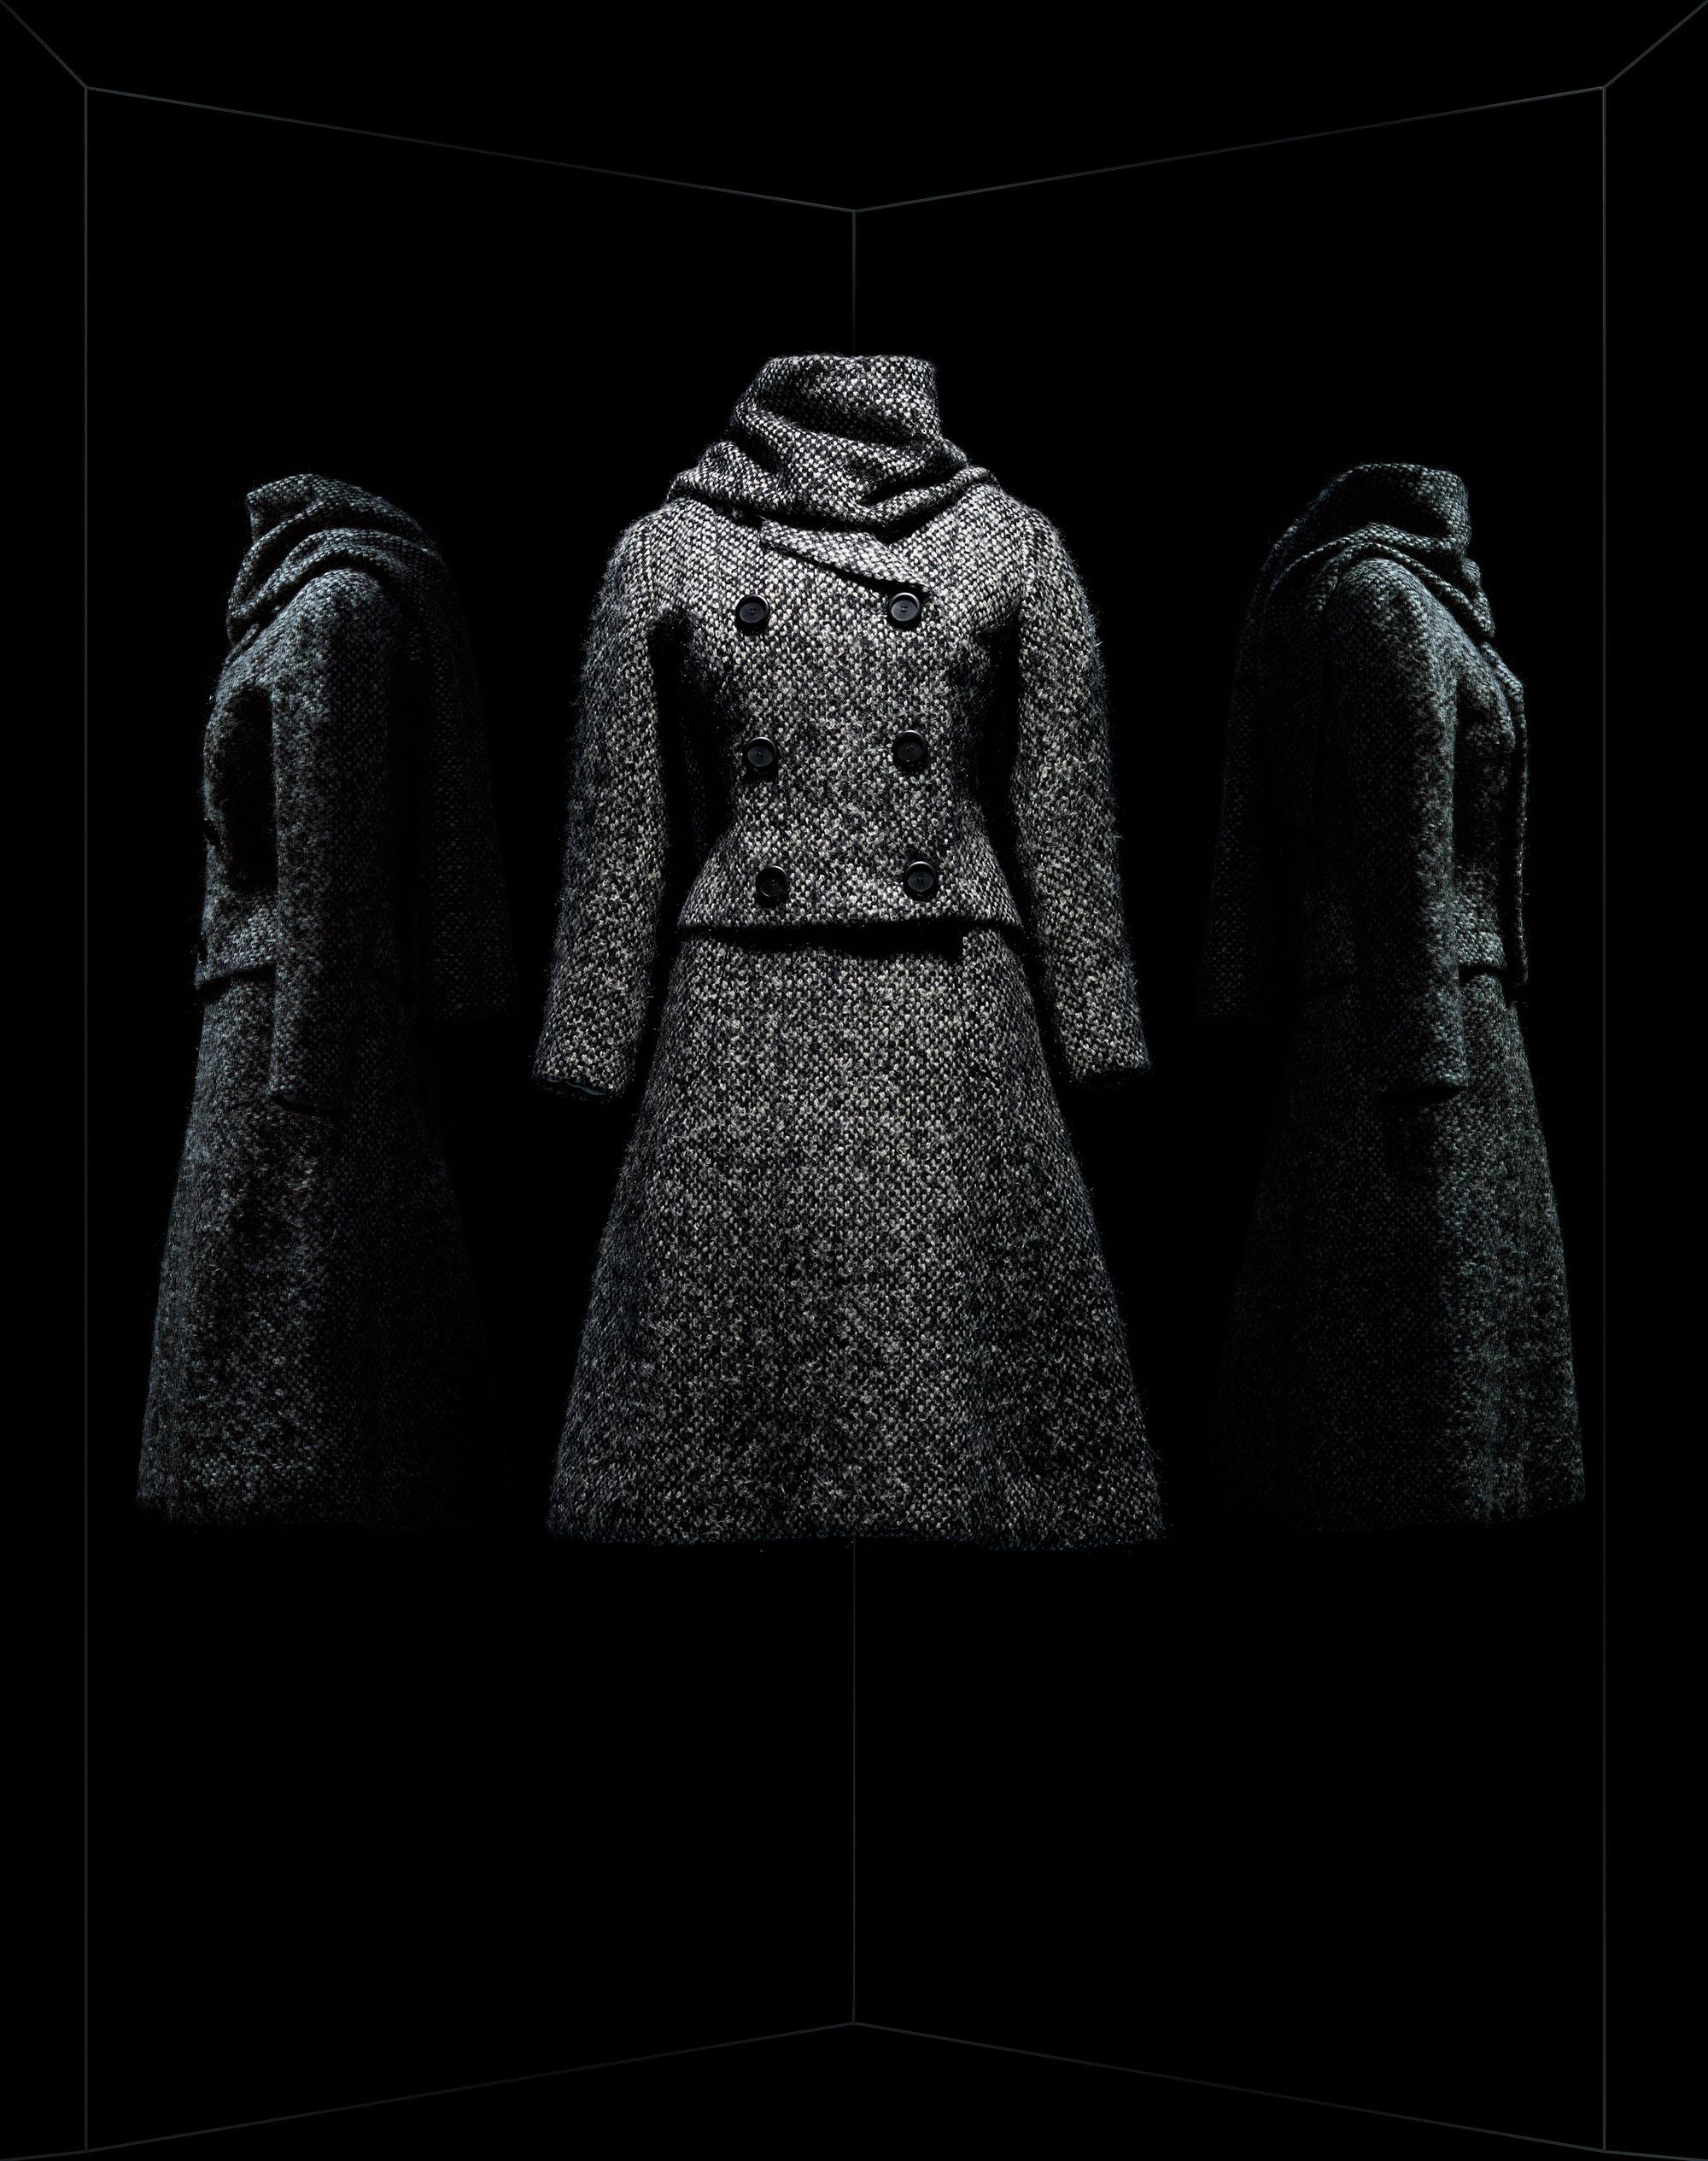 ... Bohan pour Christian Dior. Tailleur Gamin, haute couture automne-hiver  1961, collection Charme 62 Tailleur en tweed. Veste courte à double  boutonnage. 83487bcc2e7